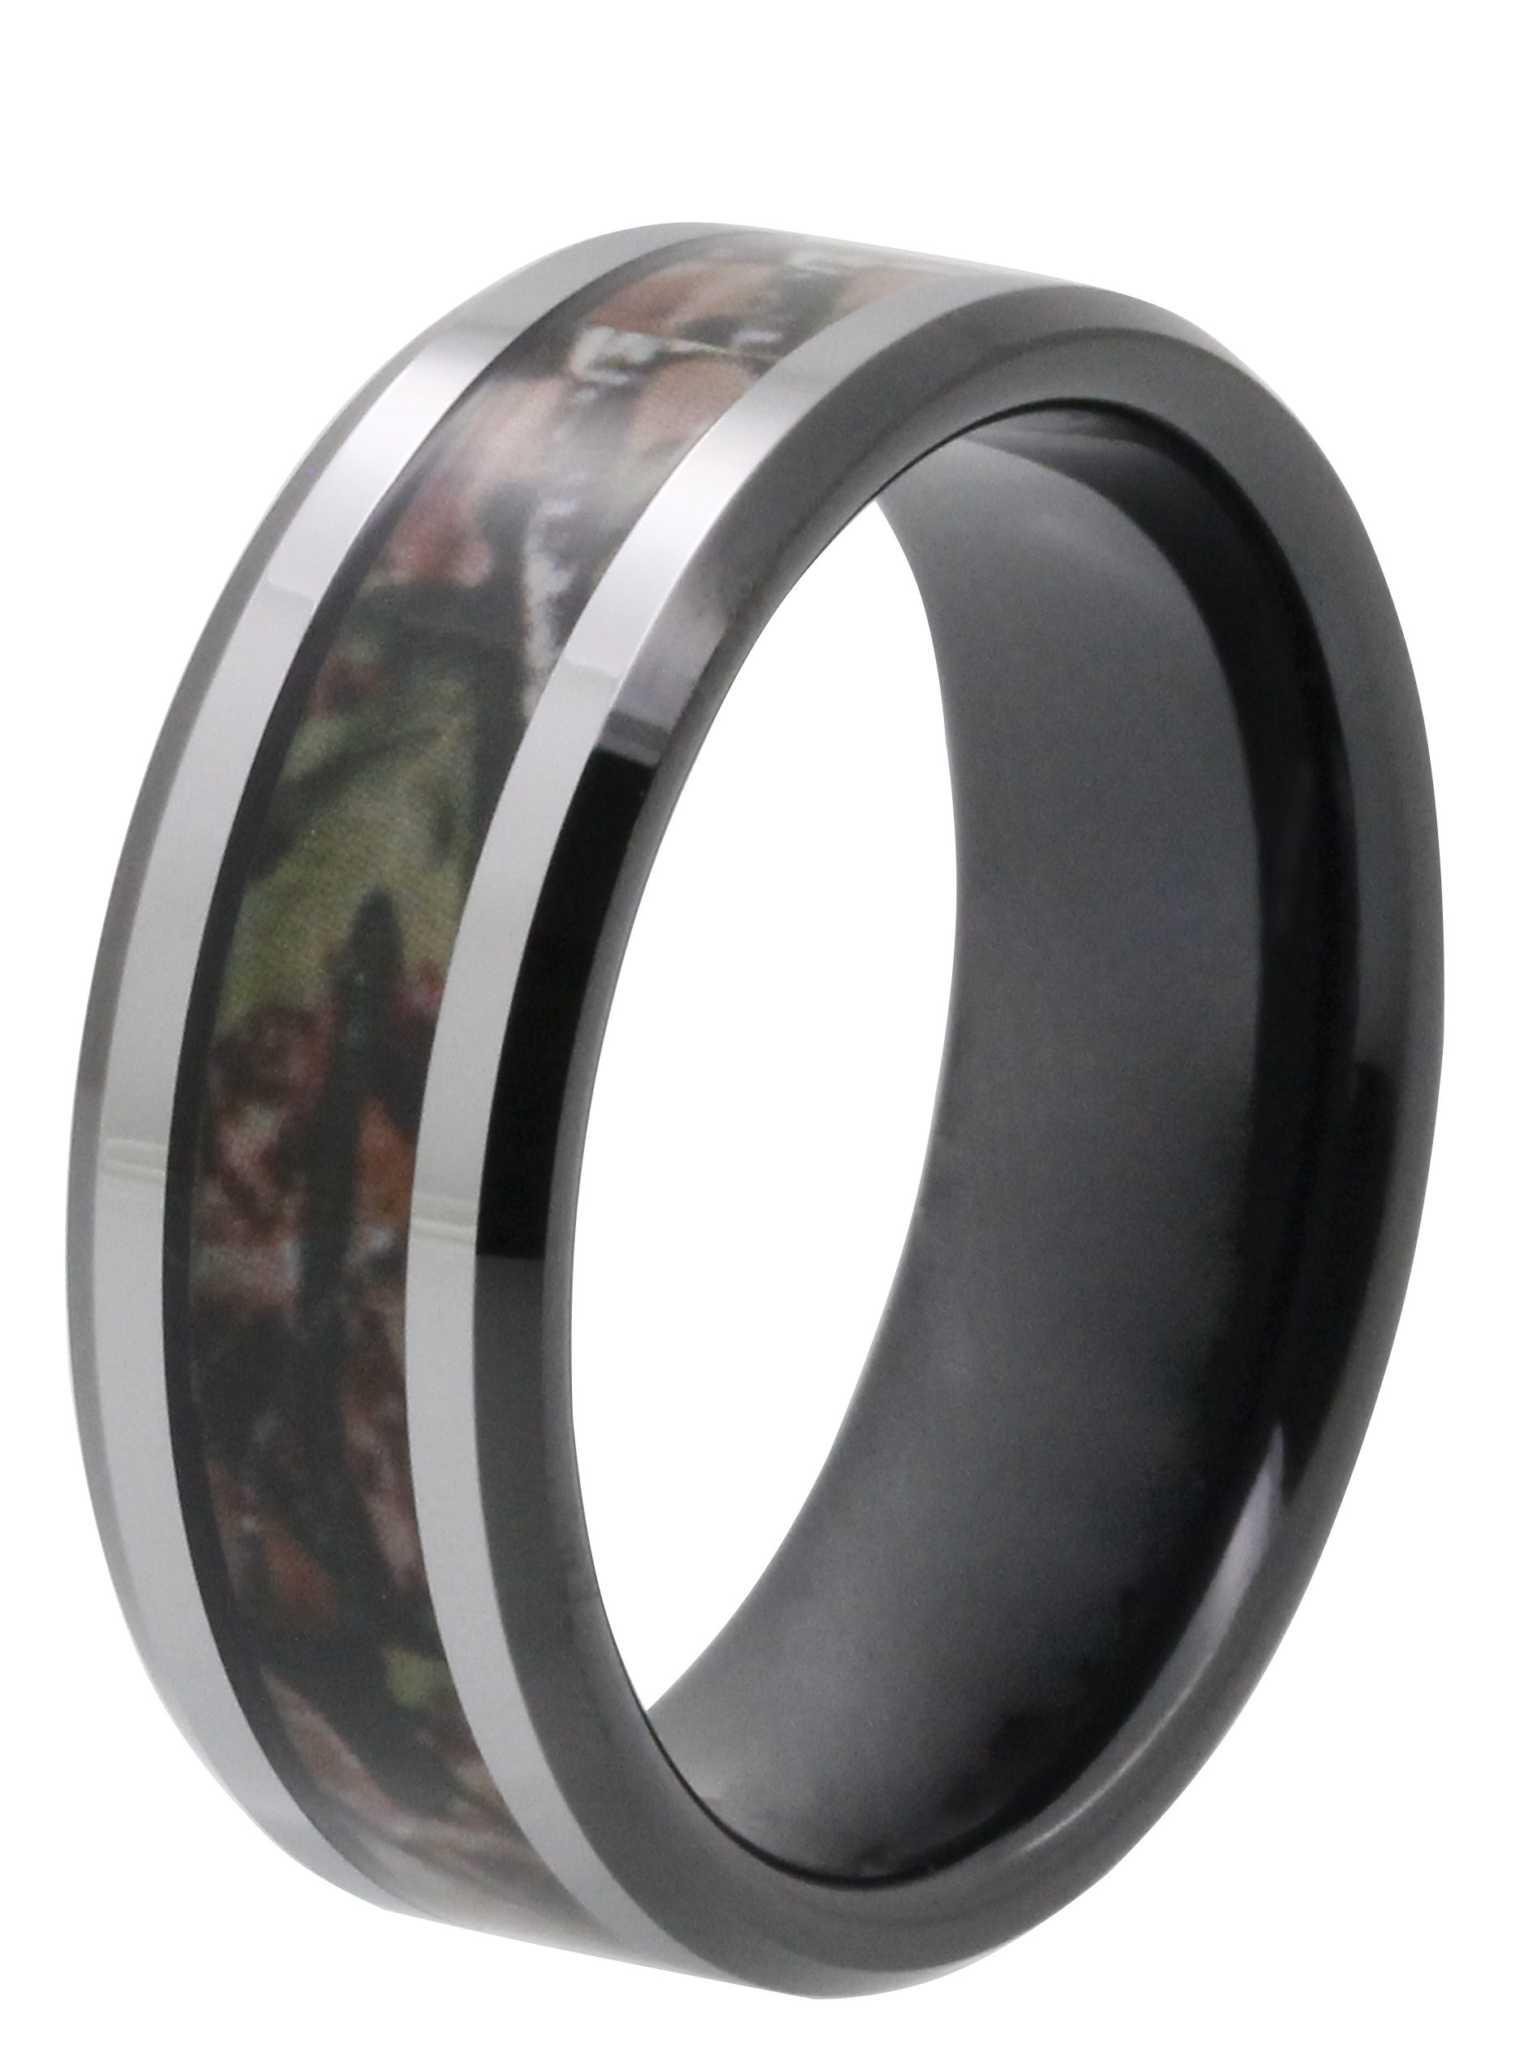 Tungsten Rings  Tungsten Wedding Bands UNDER 100